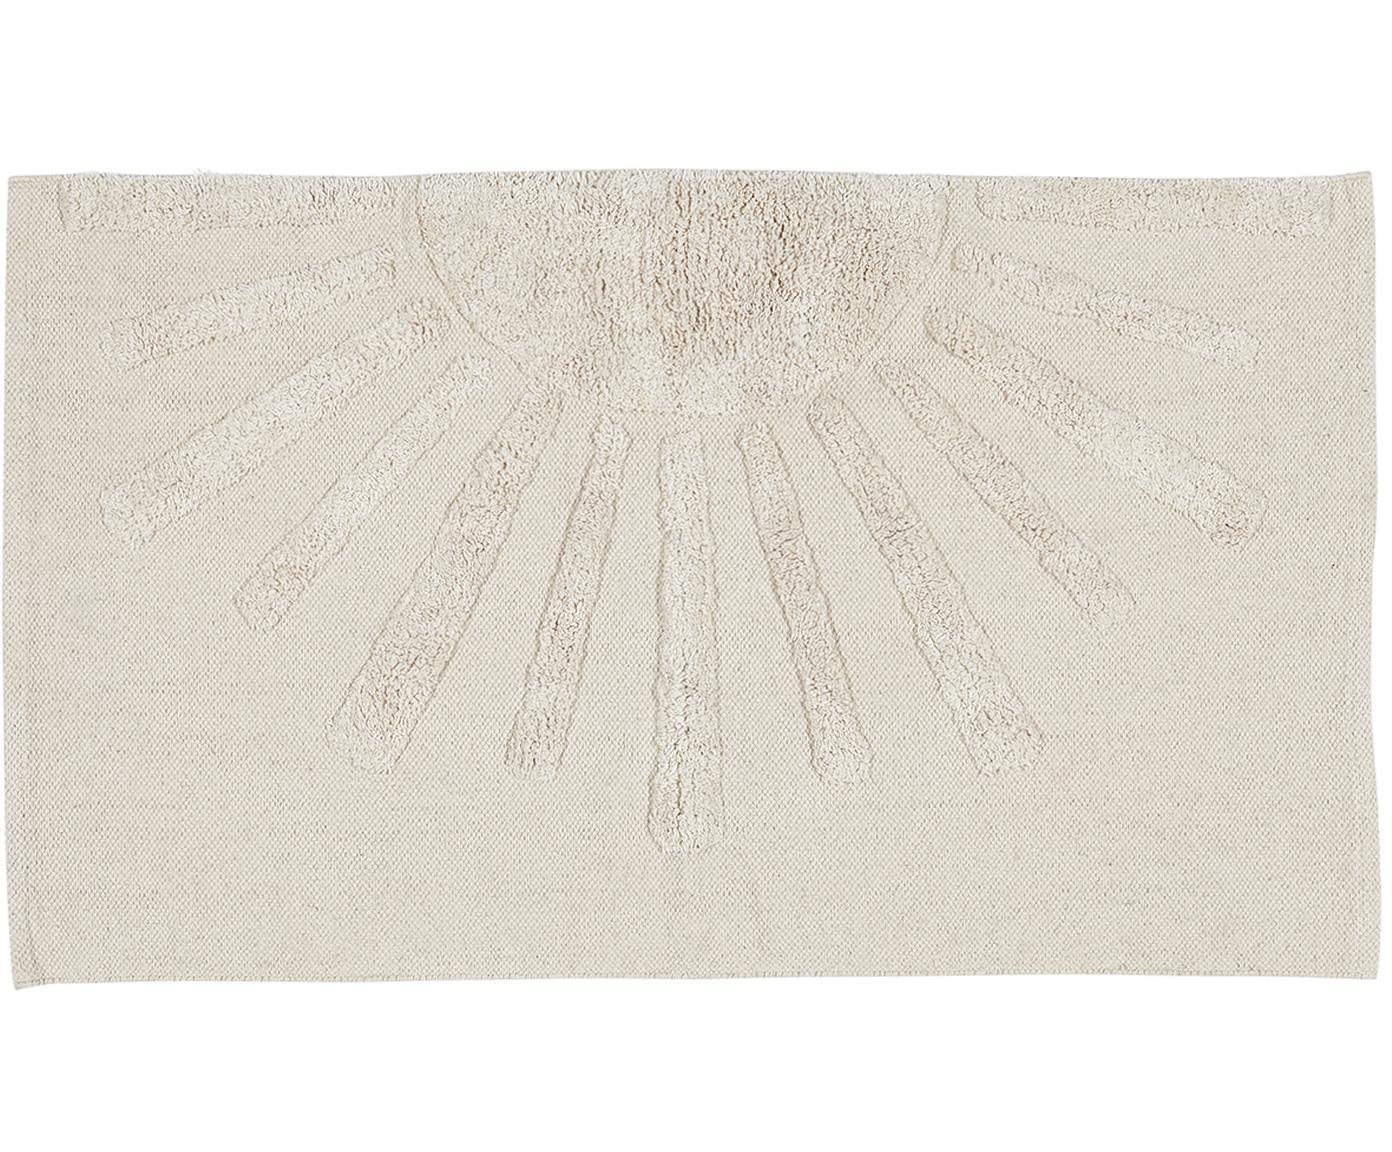 Alfombrilla de baño de algodón ecológico Sun, Algodón Sin antideslizante, Beige claro, An 60 x L 90 cm